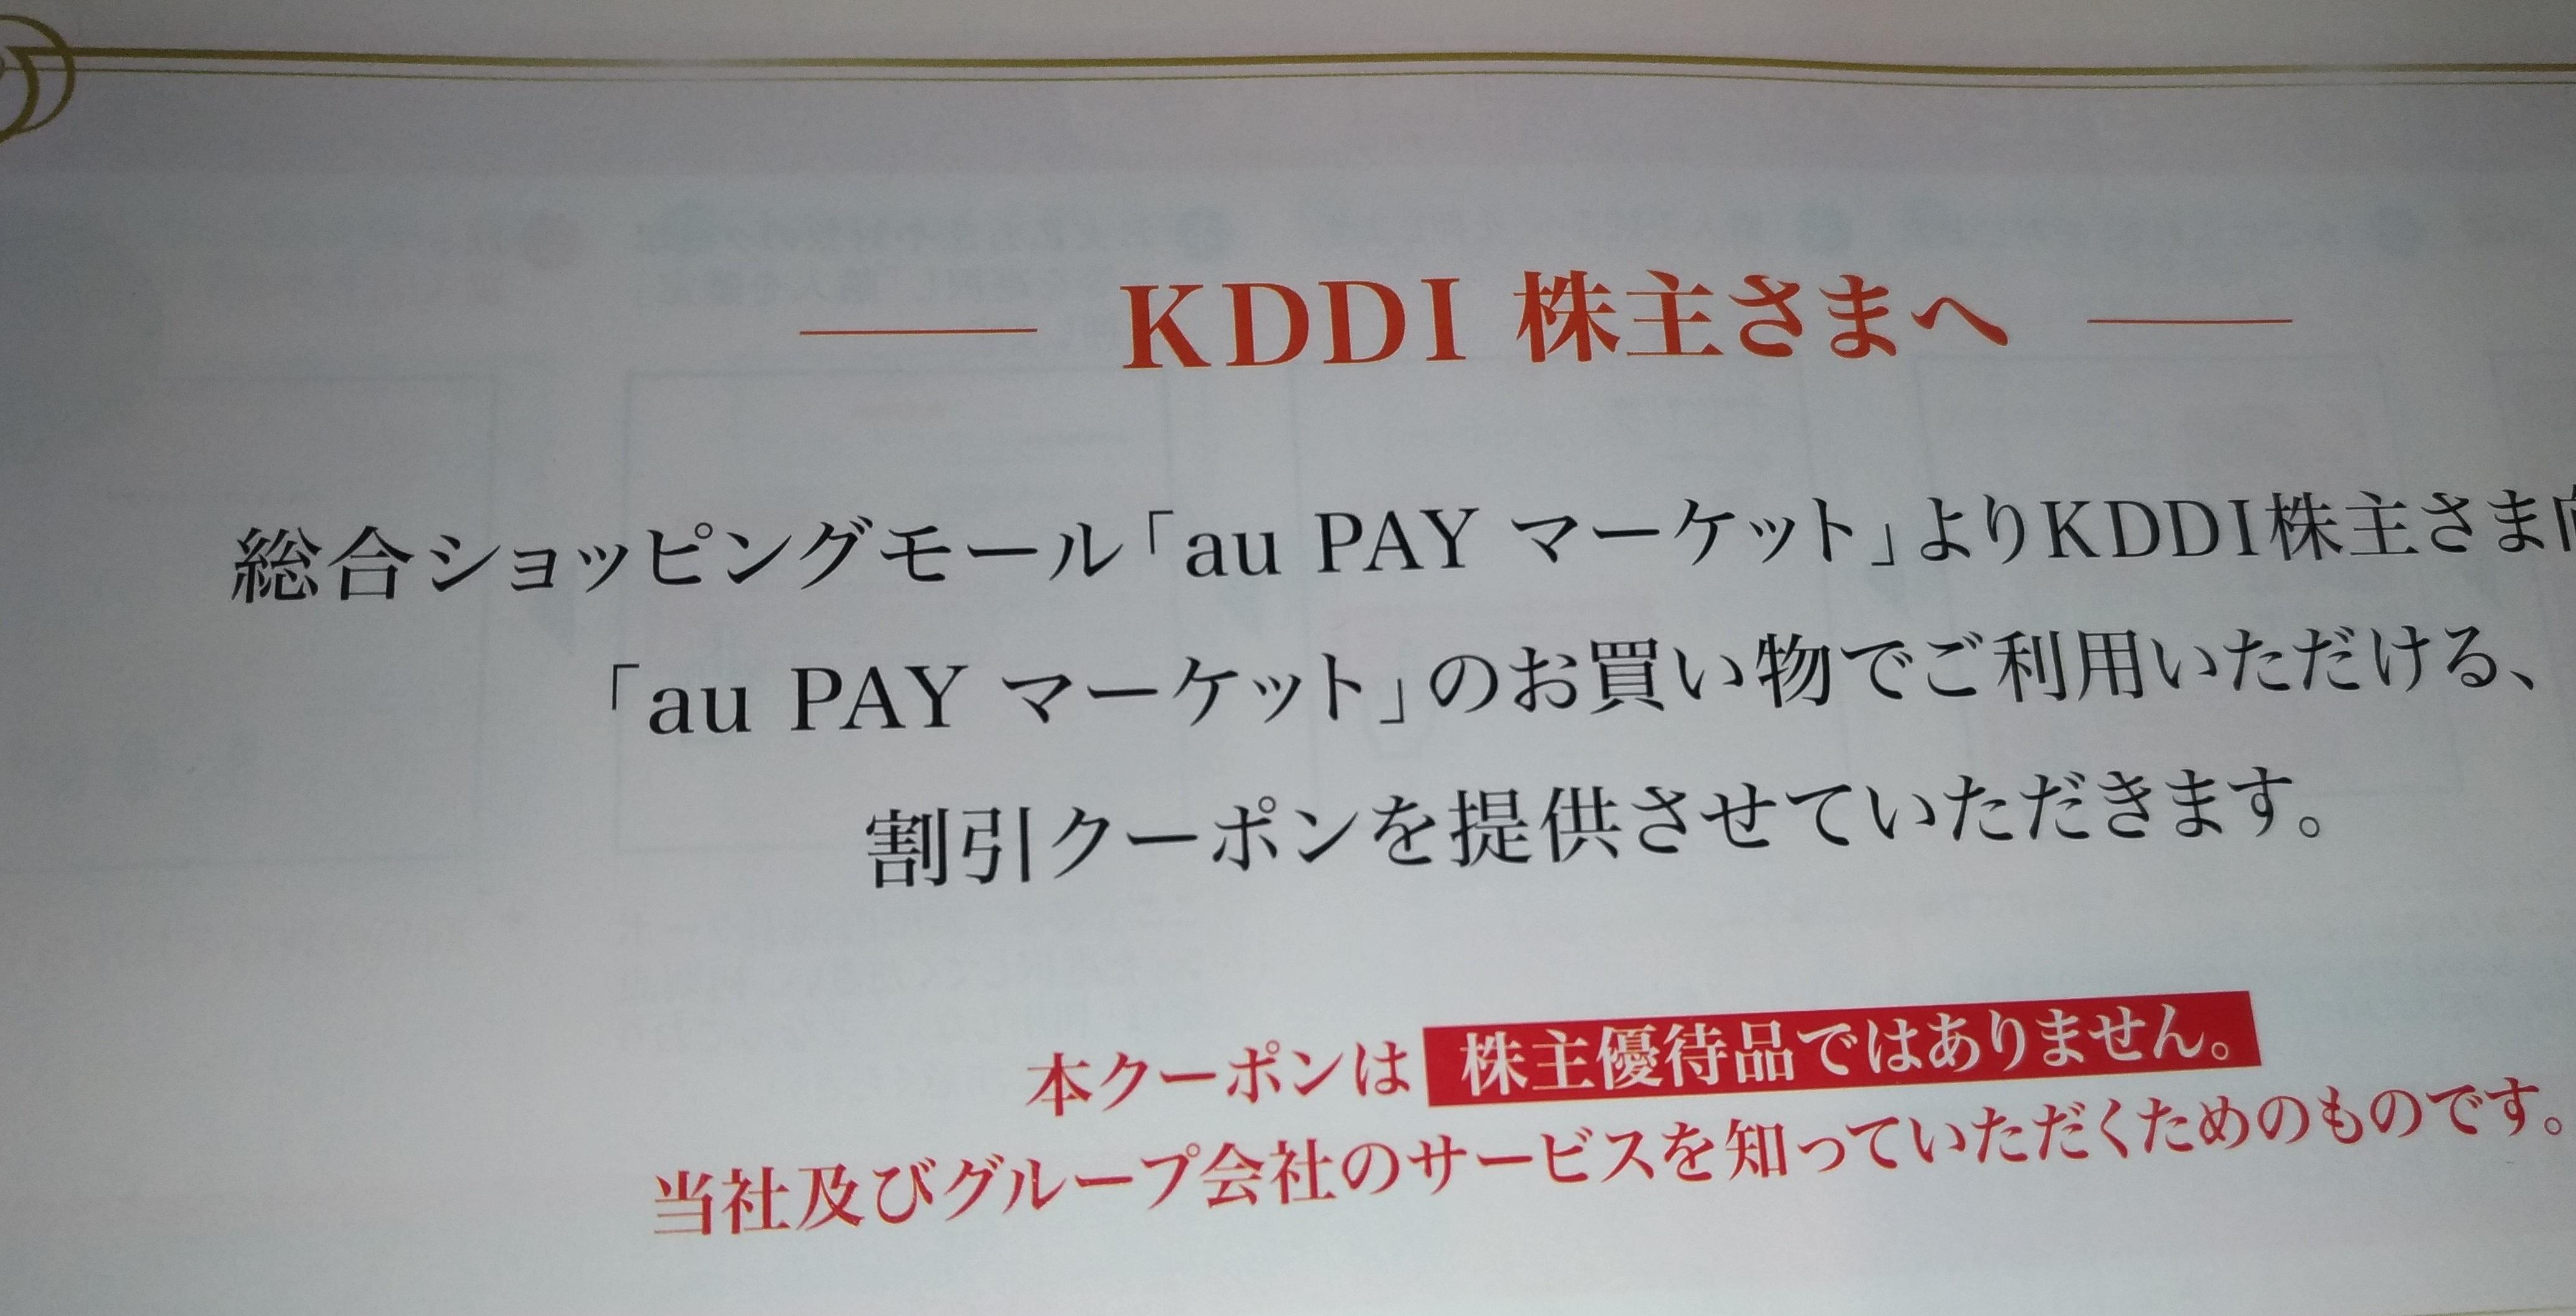 kabu_kddi_au_haito_blogs1203_7.jpg